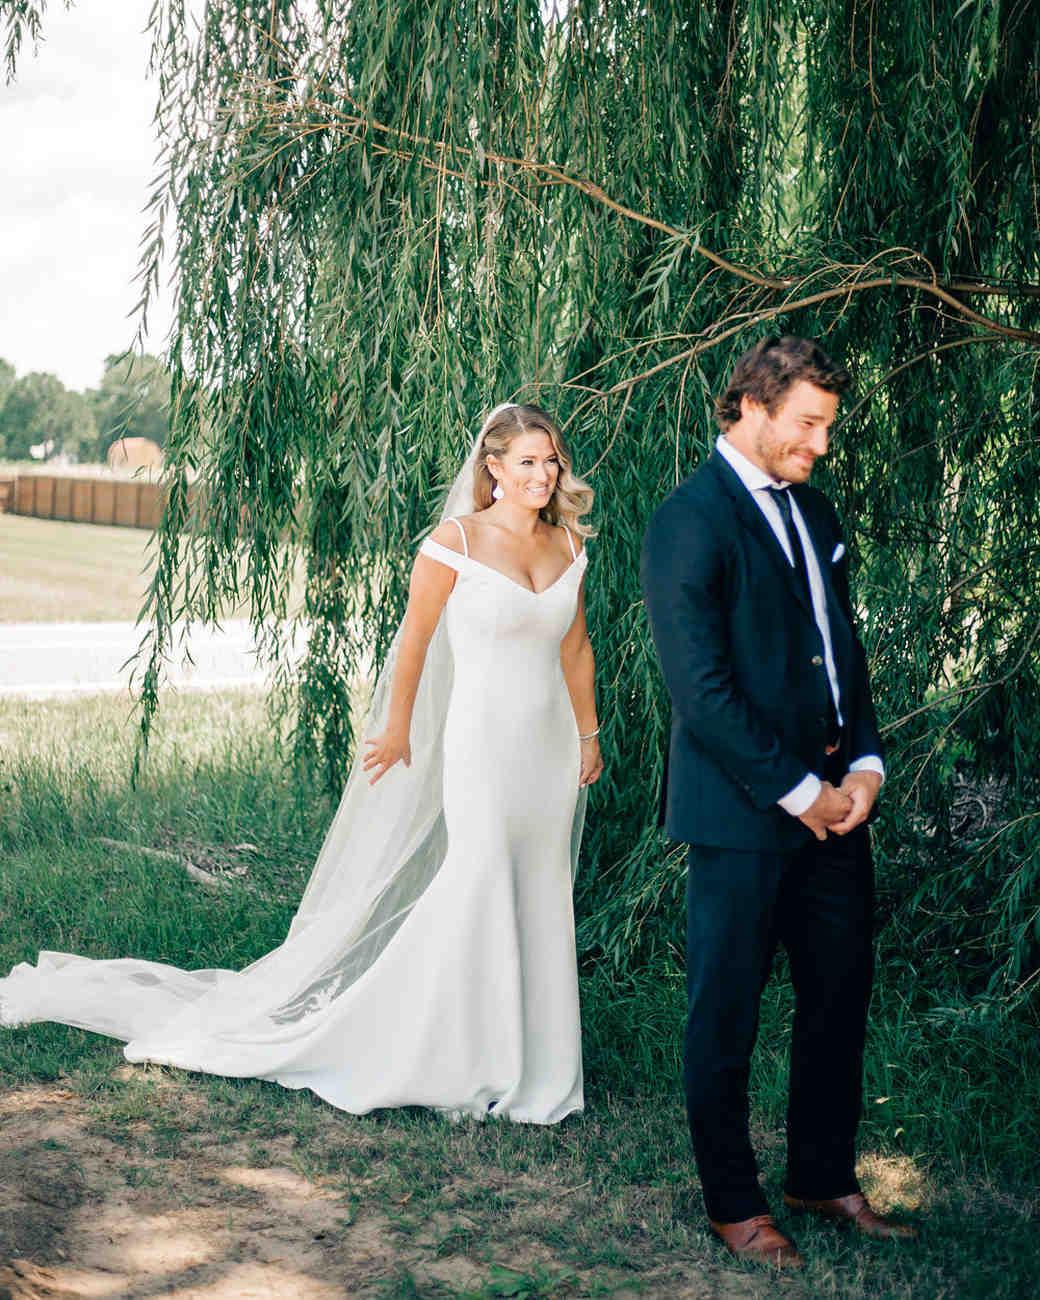 maggie zach wedding before first look